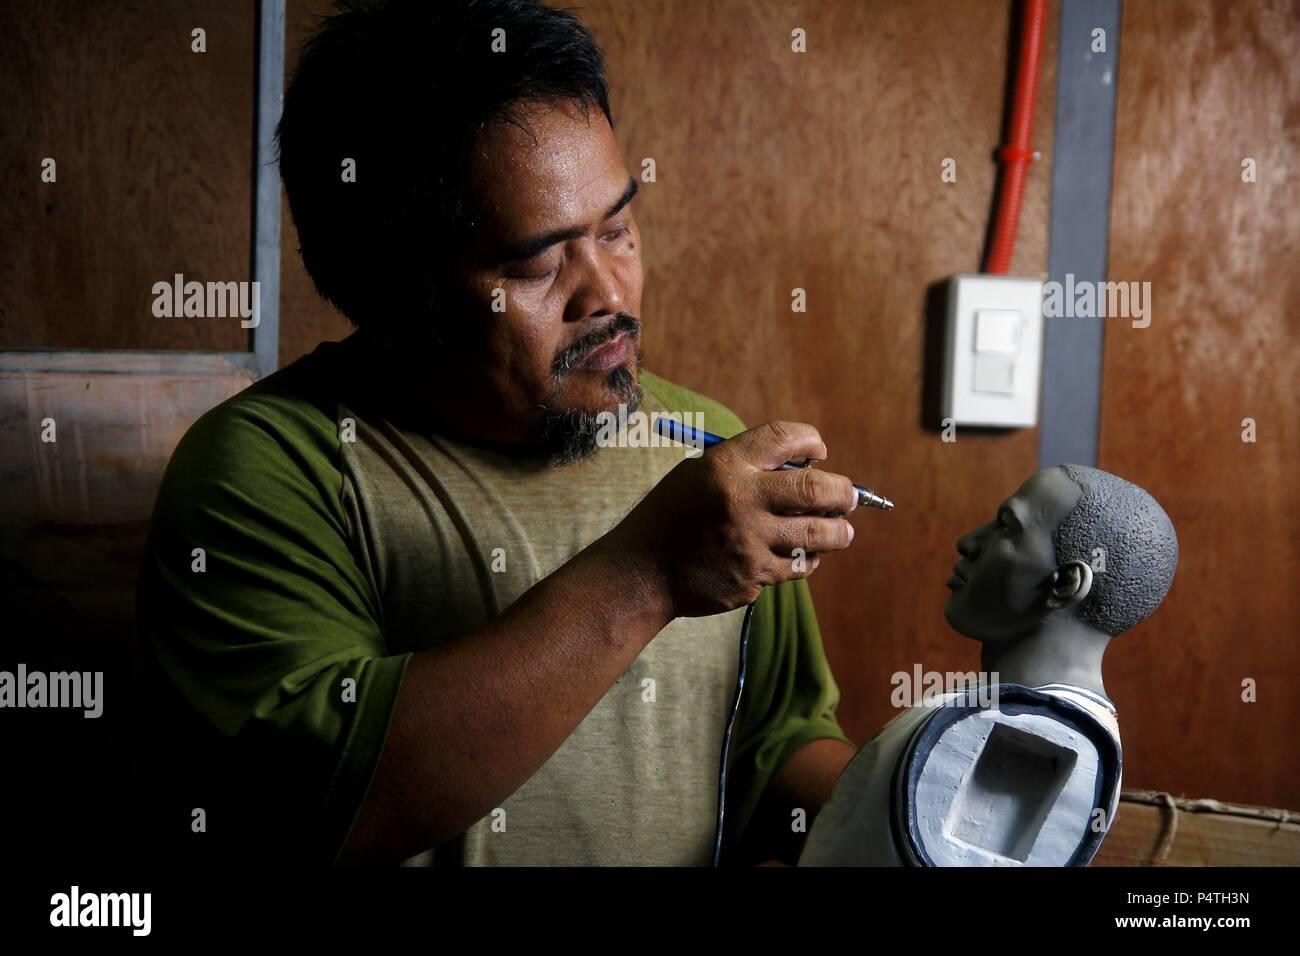 TAYTAY, Rizal, Philippinen - Juni 21, 2018: Ein Künstler Airbrush Farben zu einer Statue in seinem Studio. Stockfoto